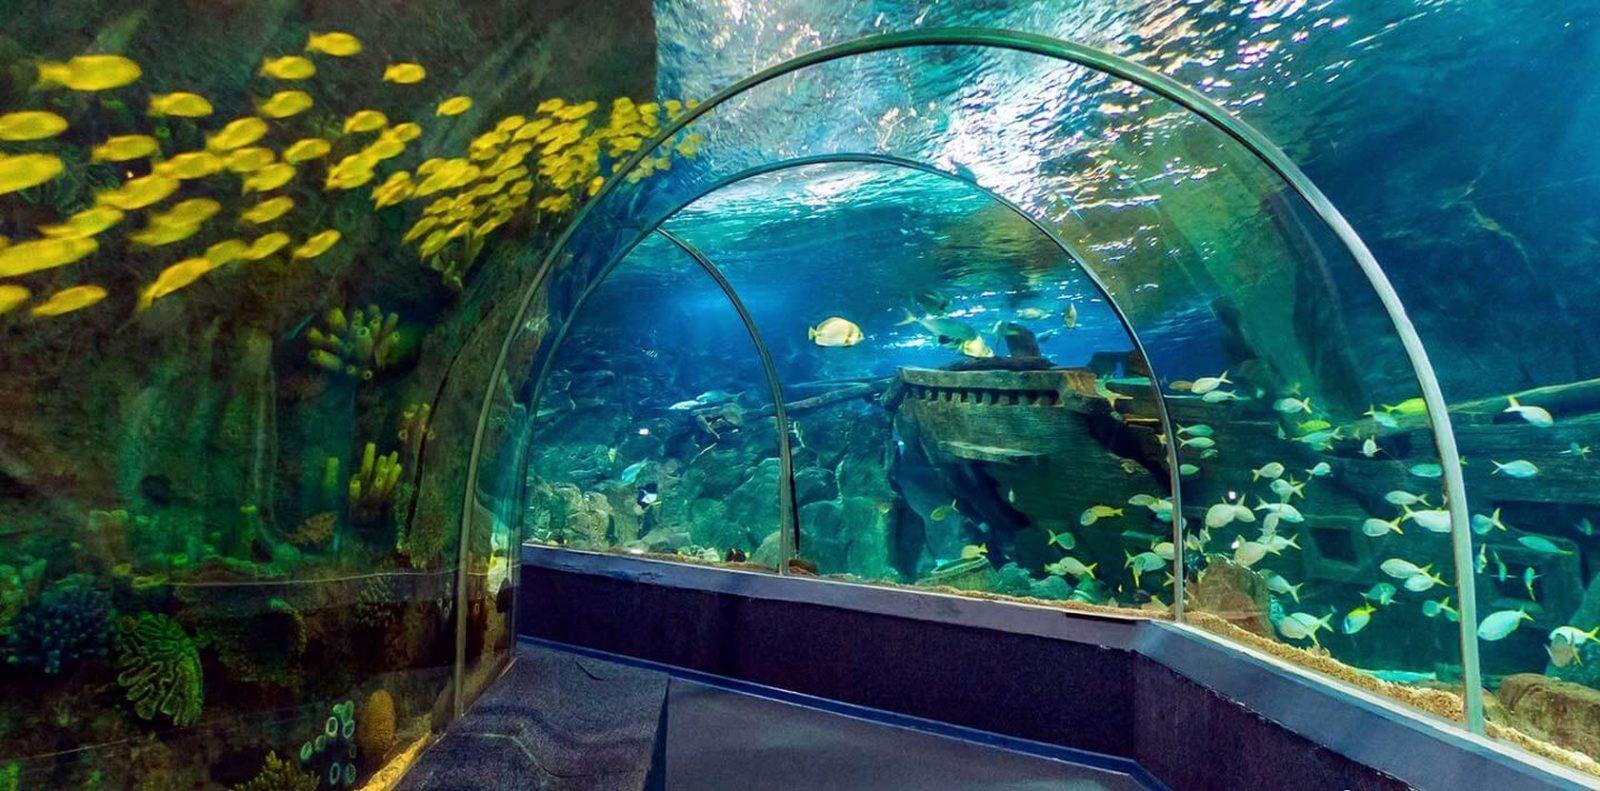 adlerskij okeanarium - Адлер: достопримечательности и развлечения